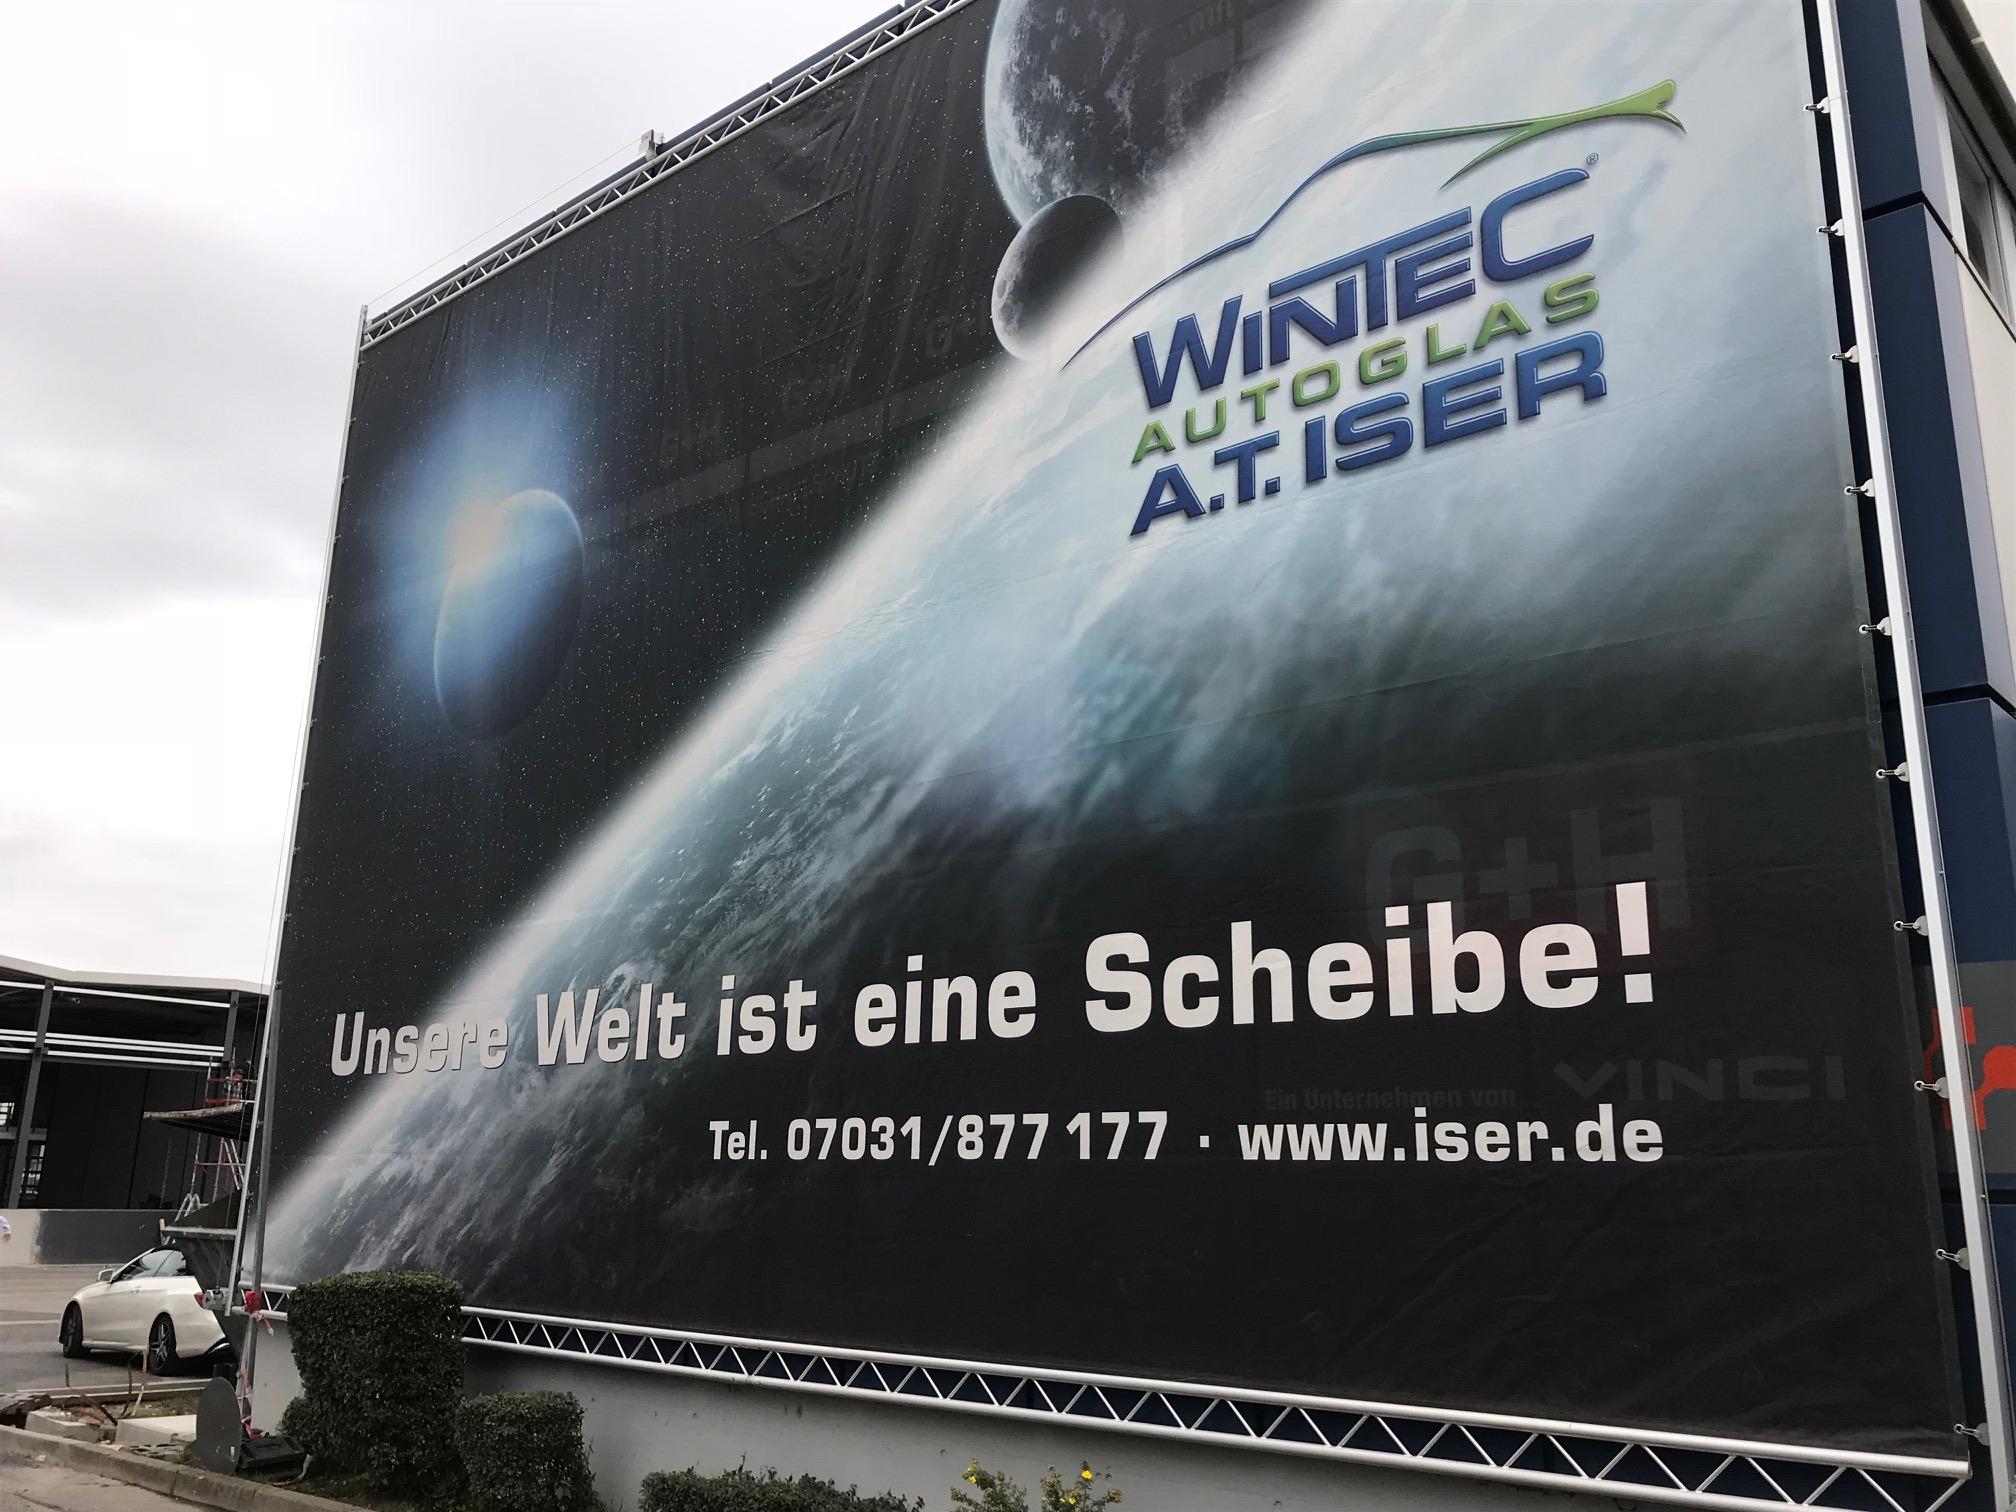 Wintec Autoglas A.T. Iser - NL Sindelfingen